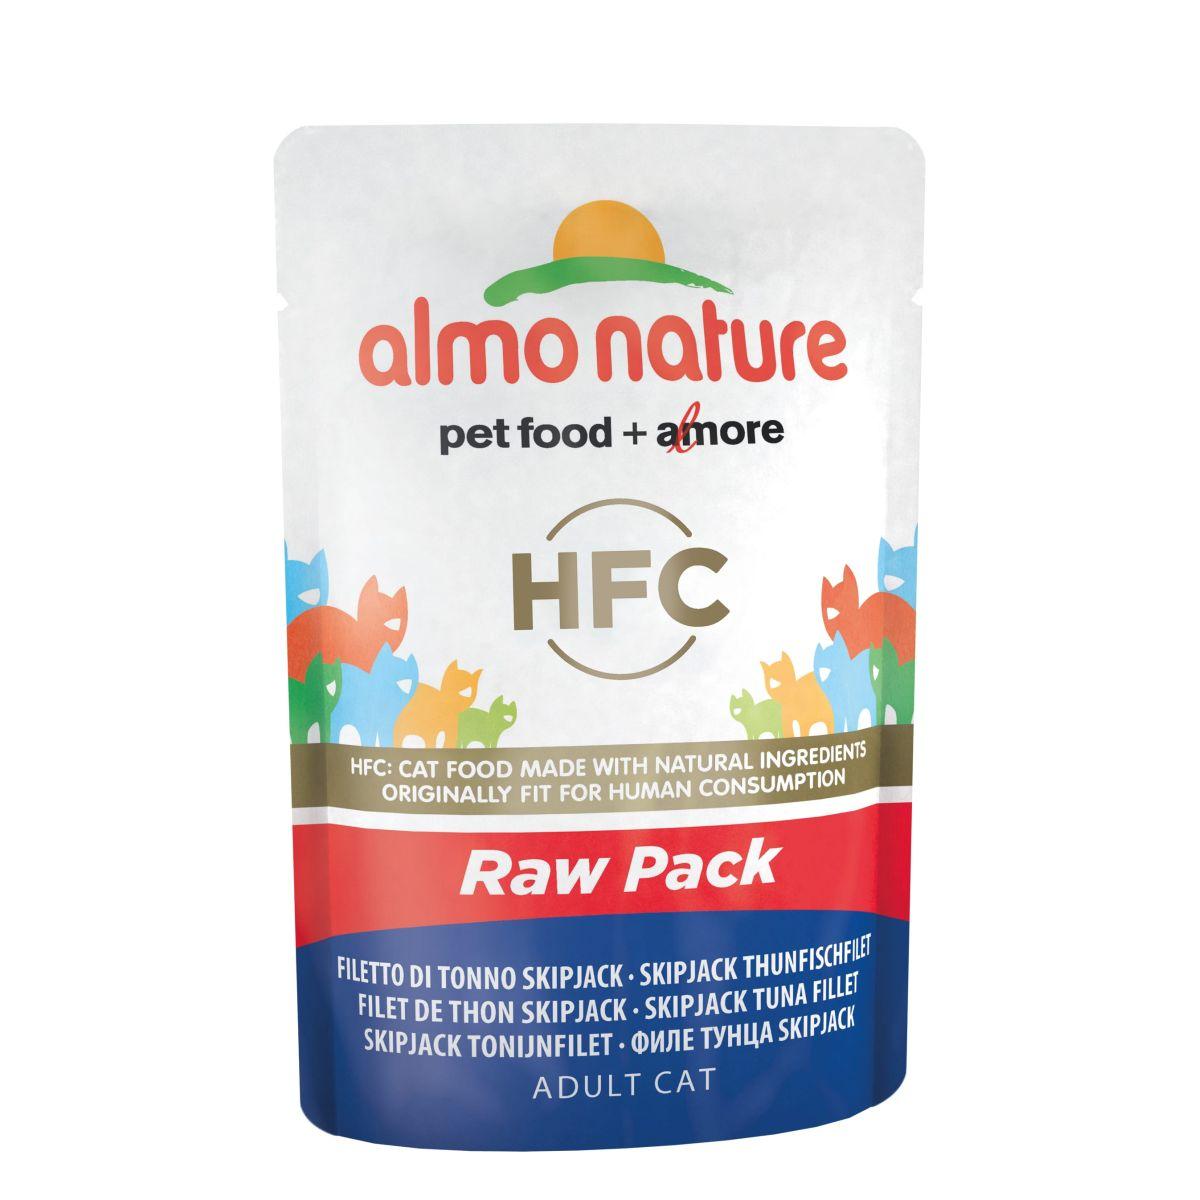 Almo Nature Classic Raw Pack SkipJack Tonijn Filet 24 x 55 gr